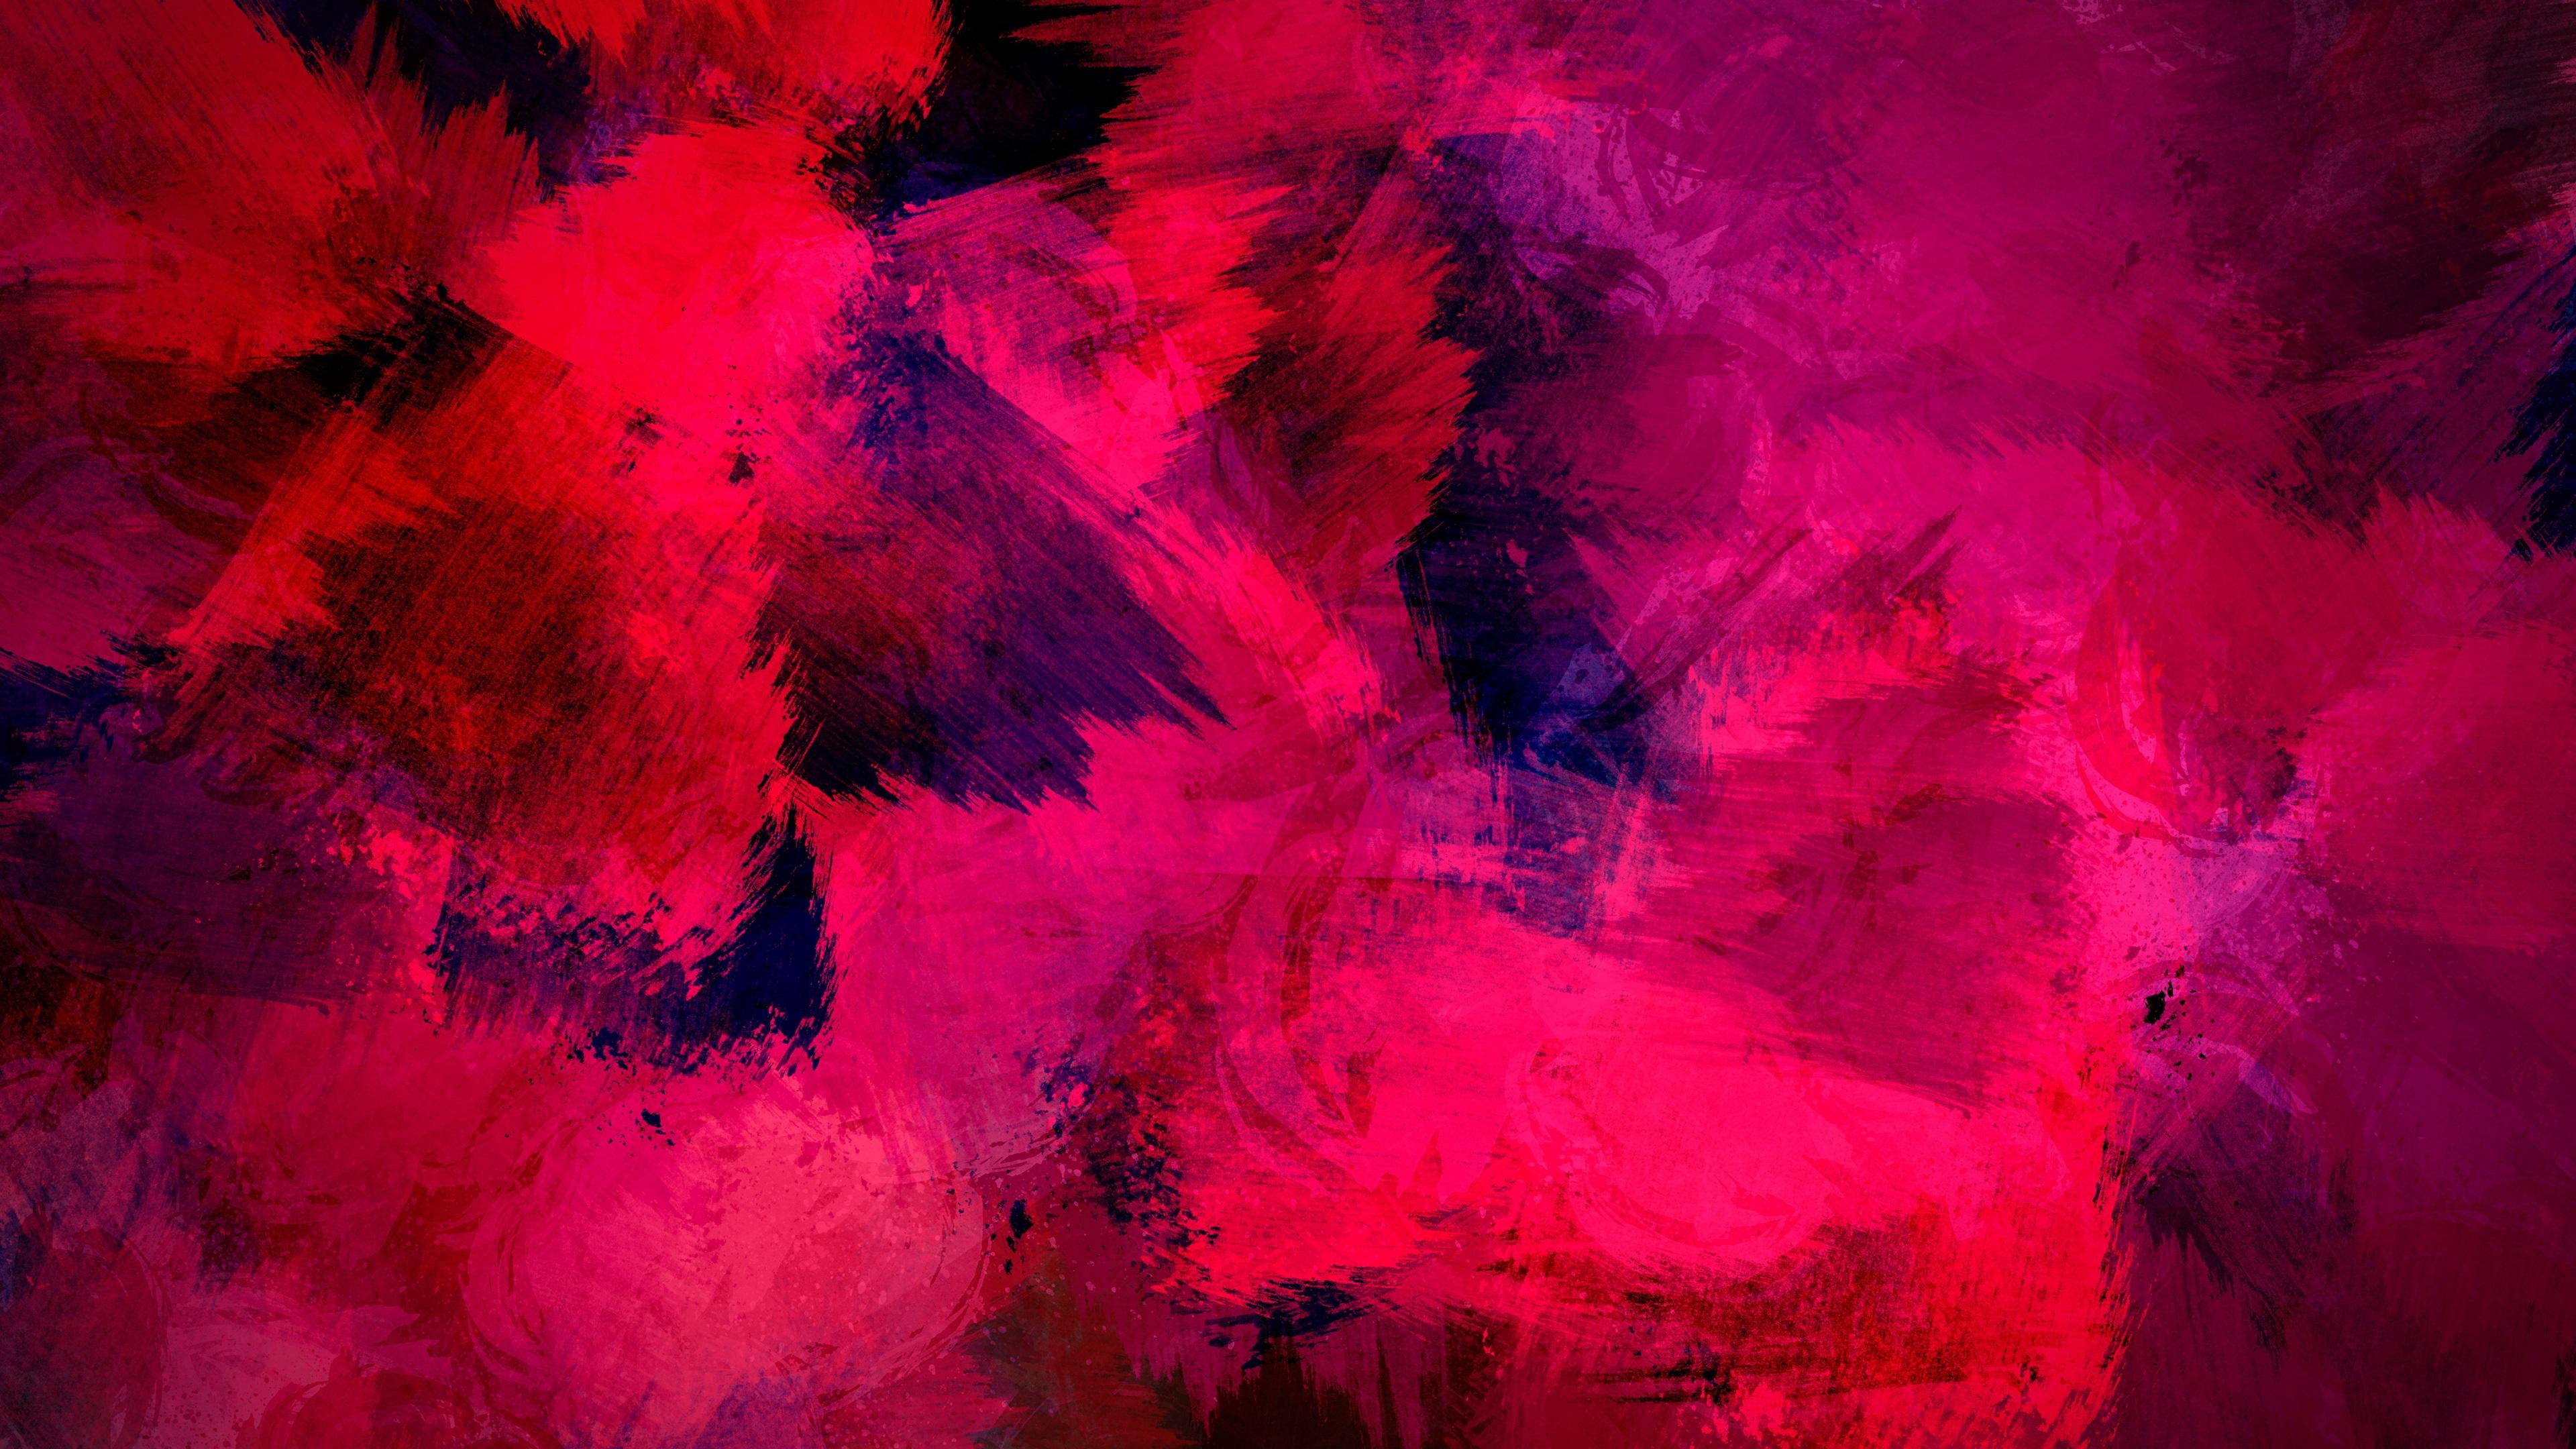 Wallpaper Fundo Tela Color Abstrato Iphone: Papéis De Parede Textura De Tinta Rosa, Fundo Abstrato